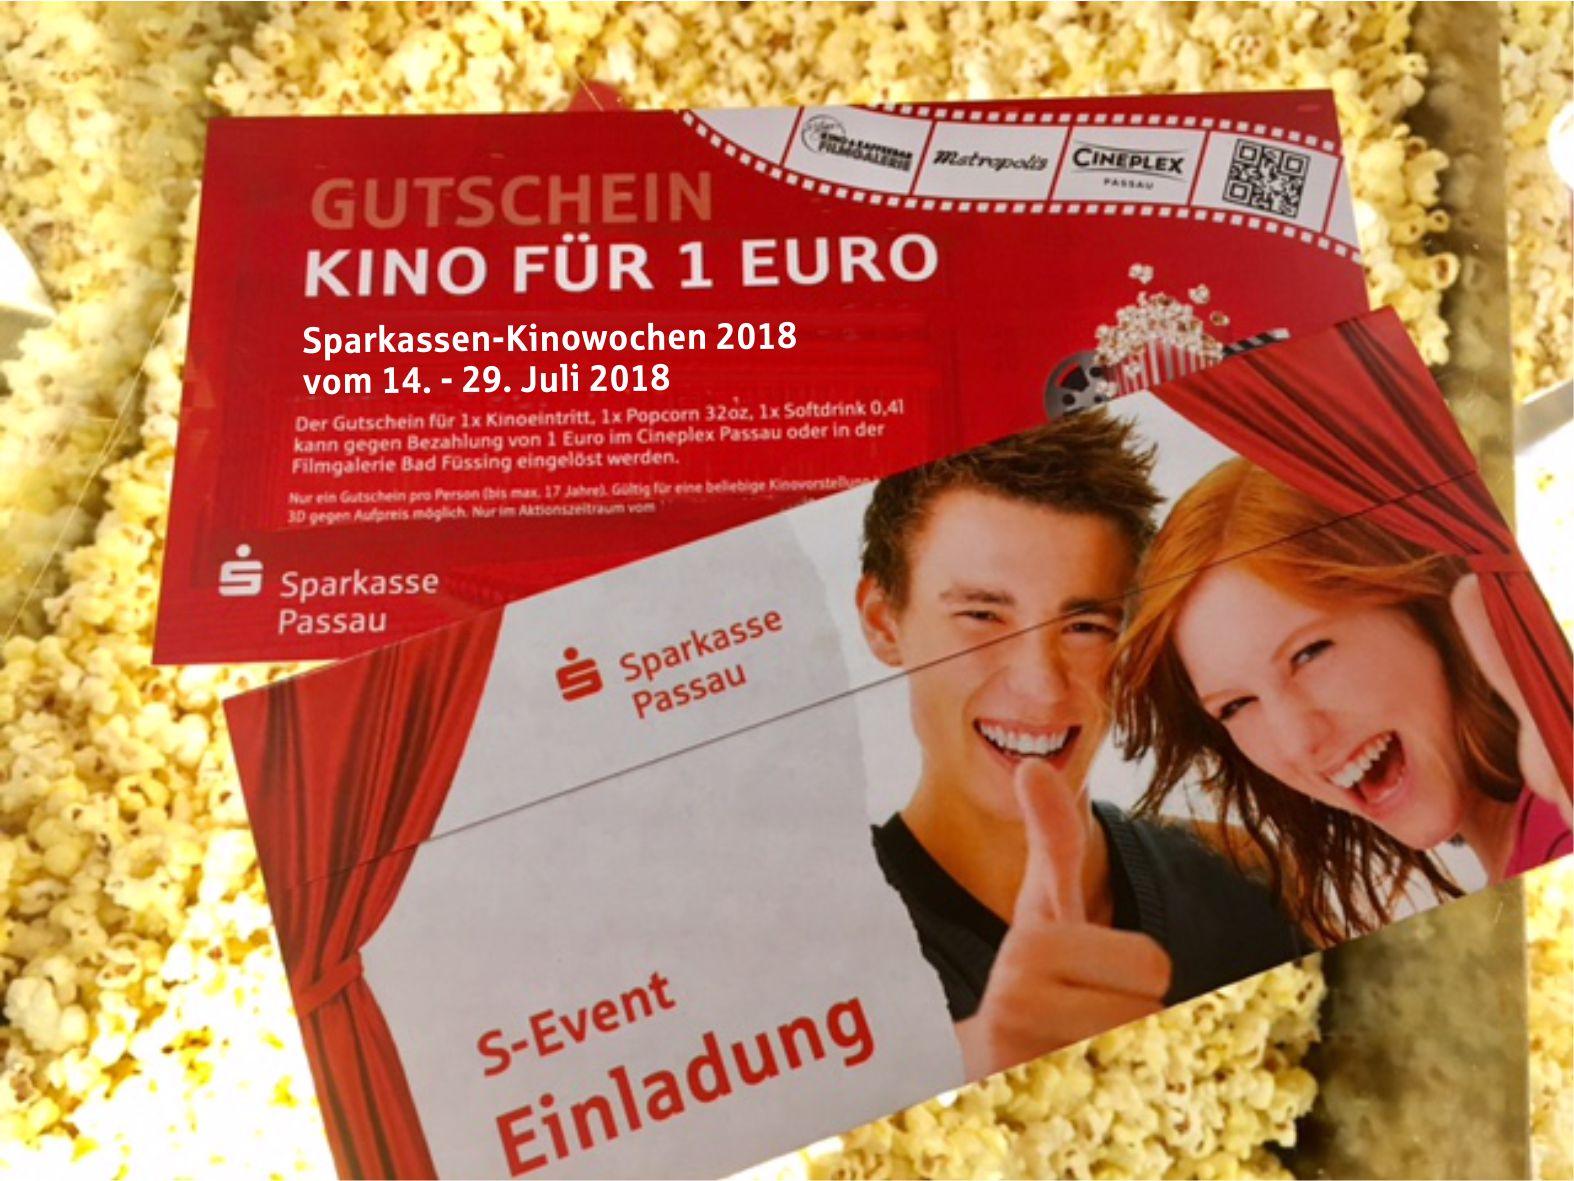 Mit dem Jugendgirokonto zu den Sparkassen-Kinowochen 2018